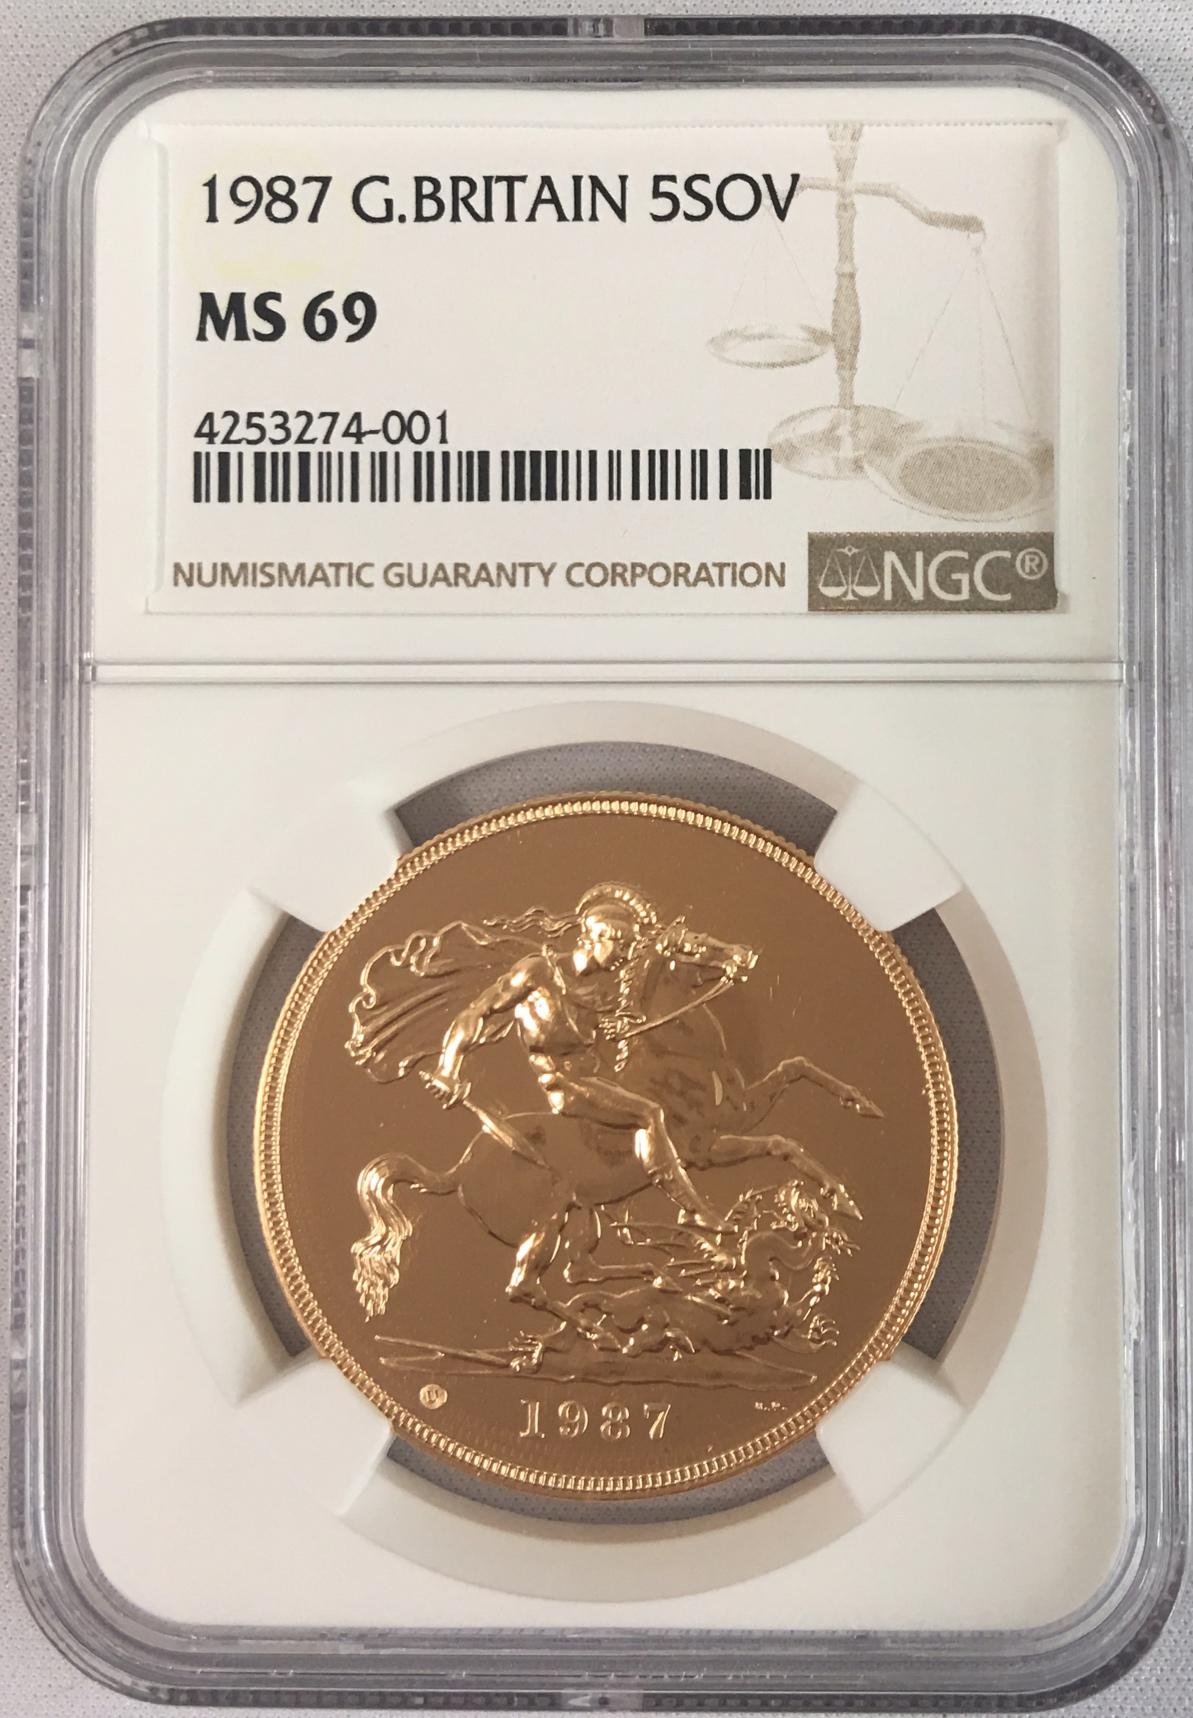 【動画あり】【残存9枚】1987 グレートブリテン5ソブリン金貨 NGC MS69